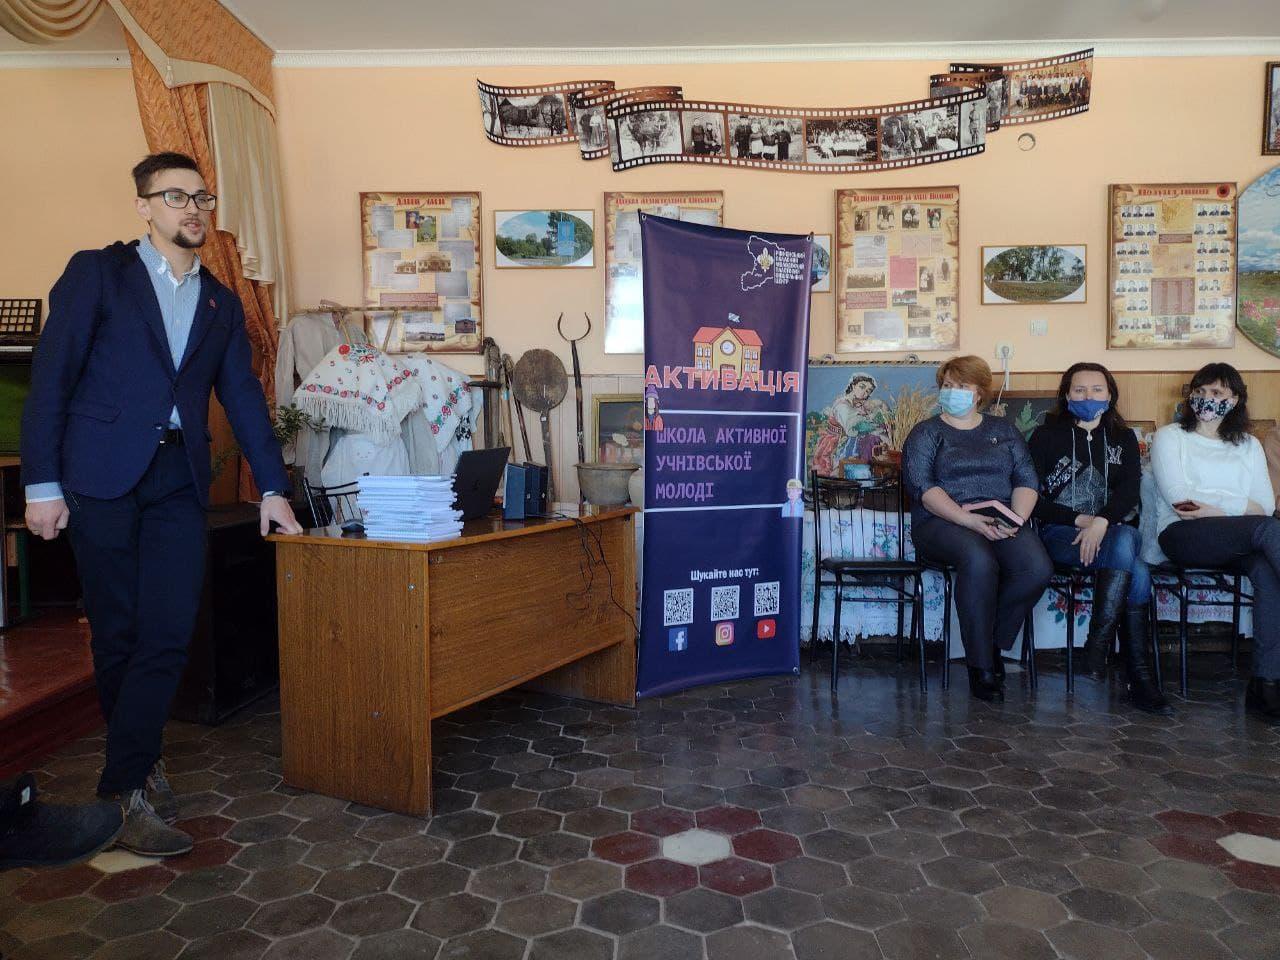 Мурлики із Рівненської зграї стали організаторами програми «Активація»